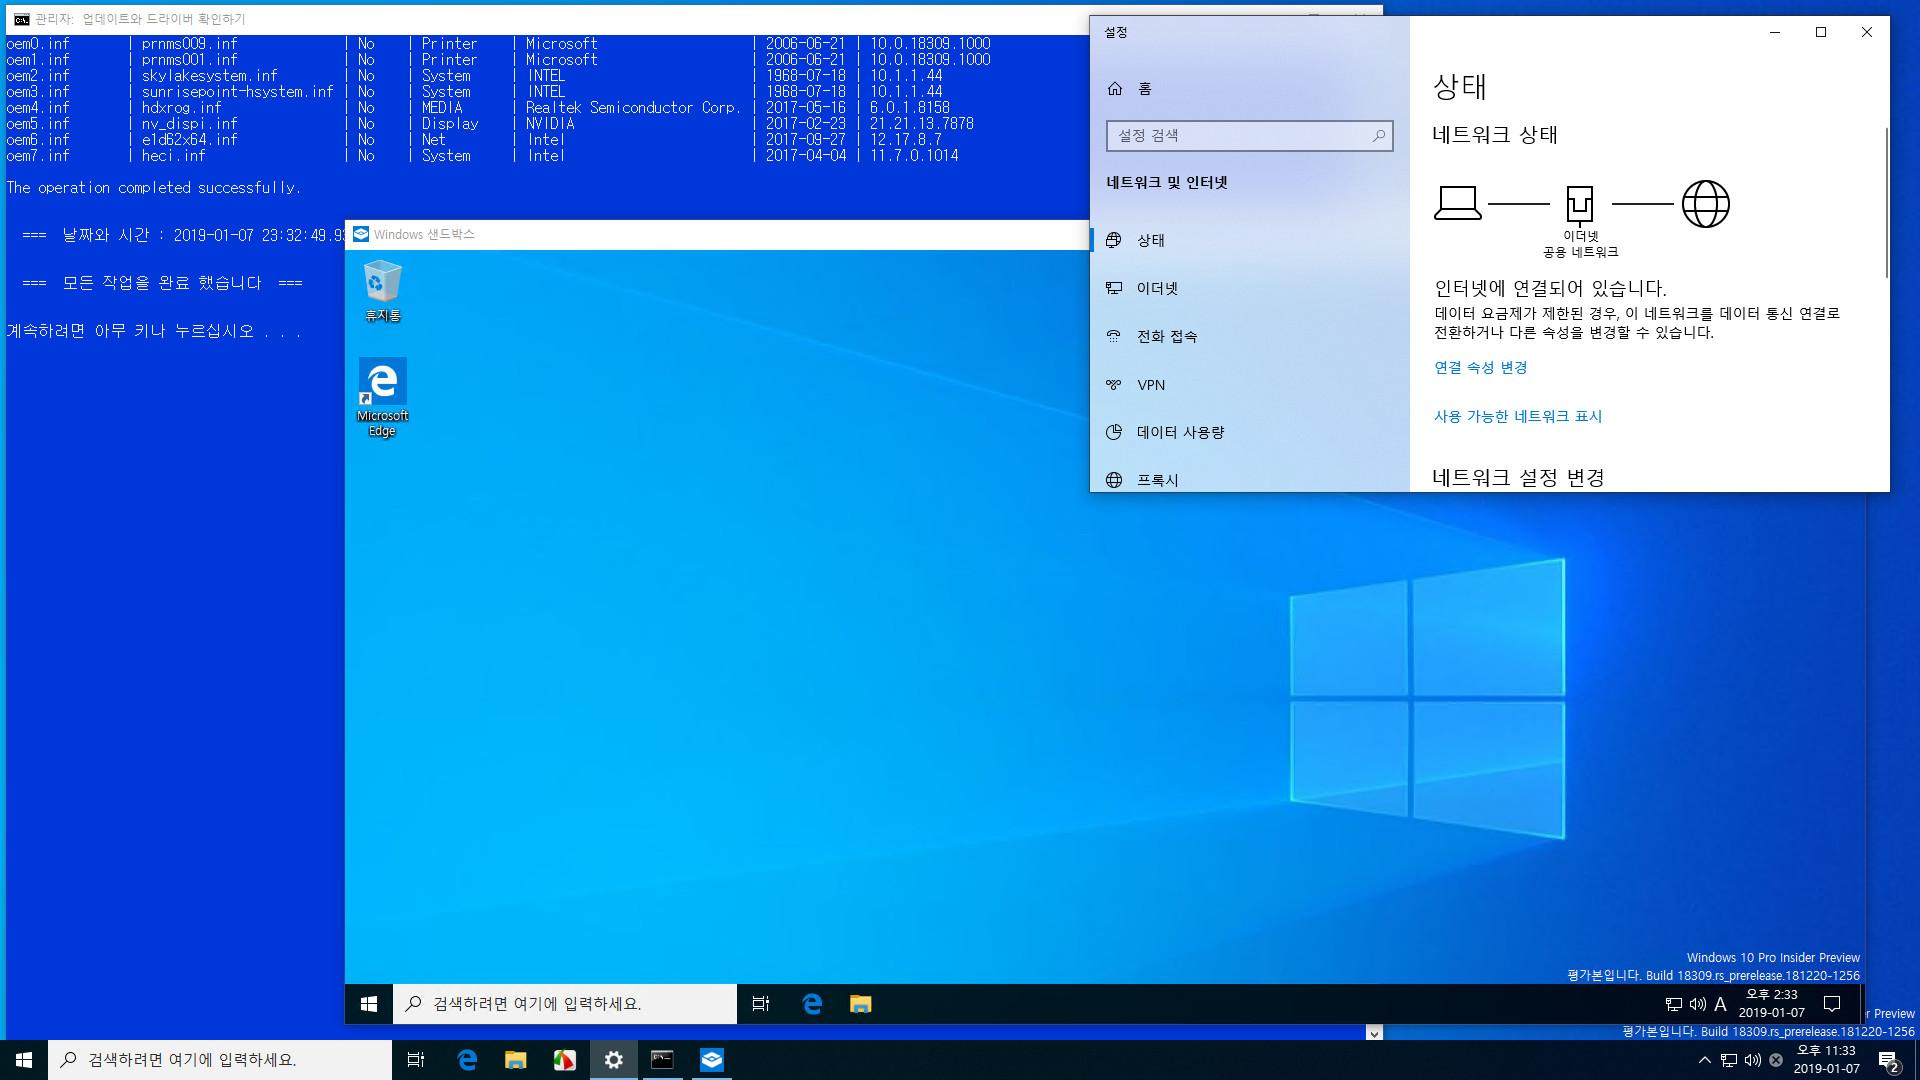 윈도10 19H1 인사이더 프리뷰 18309.1000 빌드 나왔네요 - 실컴에서 Windows Sandbox 테스트 - 어떤 드라이버가 충돌을 일으키는지 확인 테스트4 [윈도에 내장된 랜드라이버 제거] - 랜 드라이버 설치는 되고, 랜 드라이버 설치 후에 Sandbox 실행도 됨 2019-01-07_233318.jpg